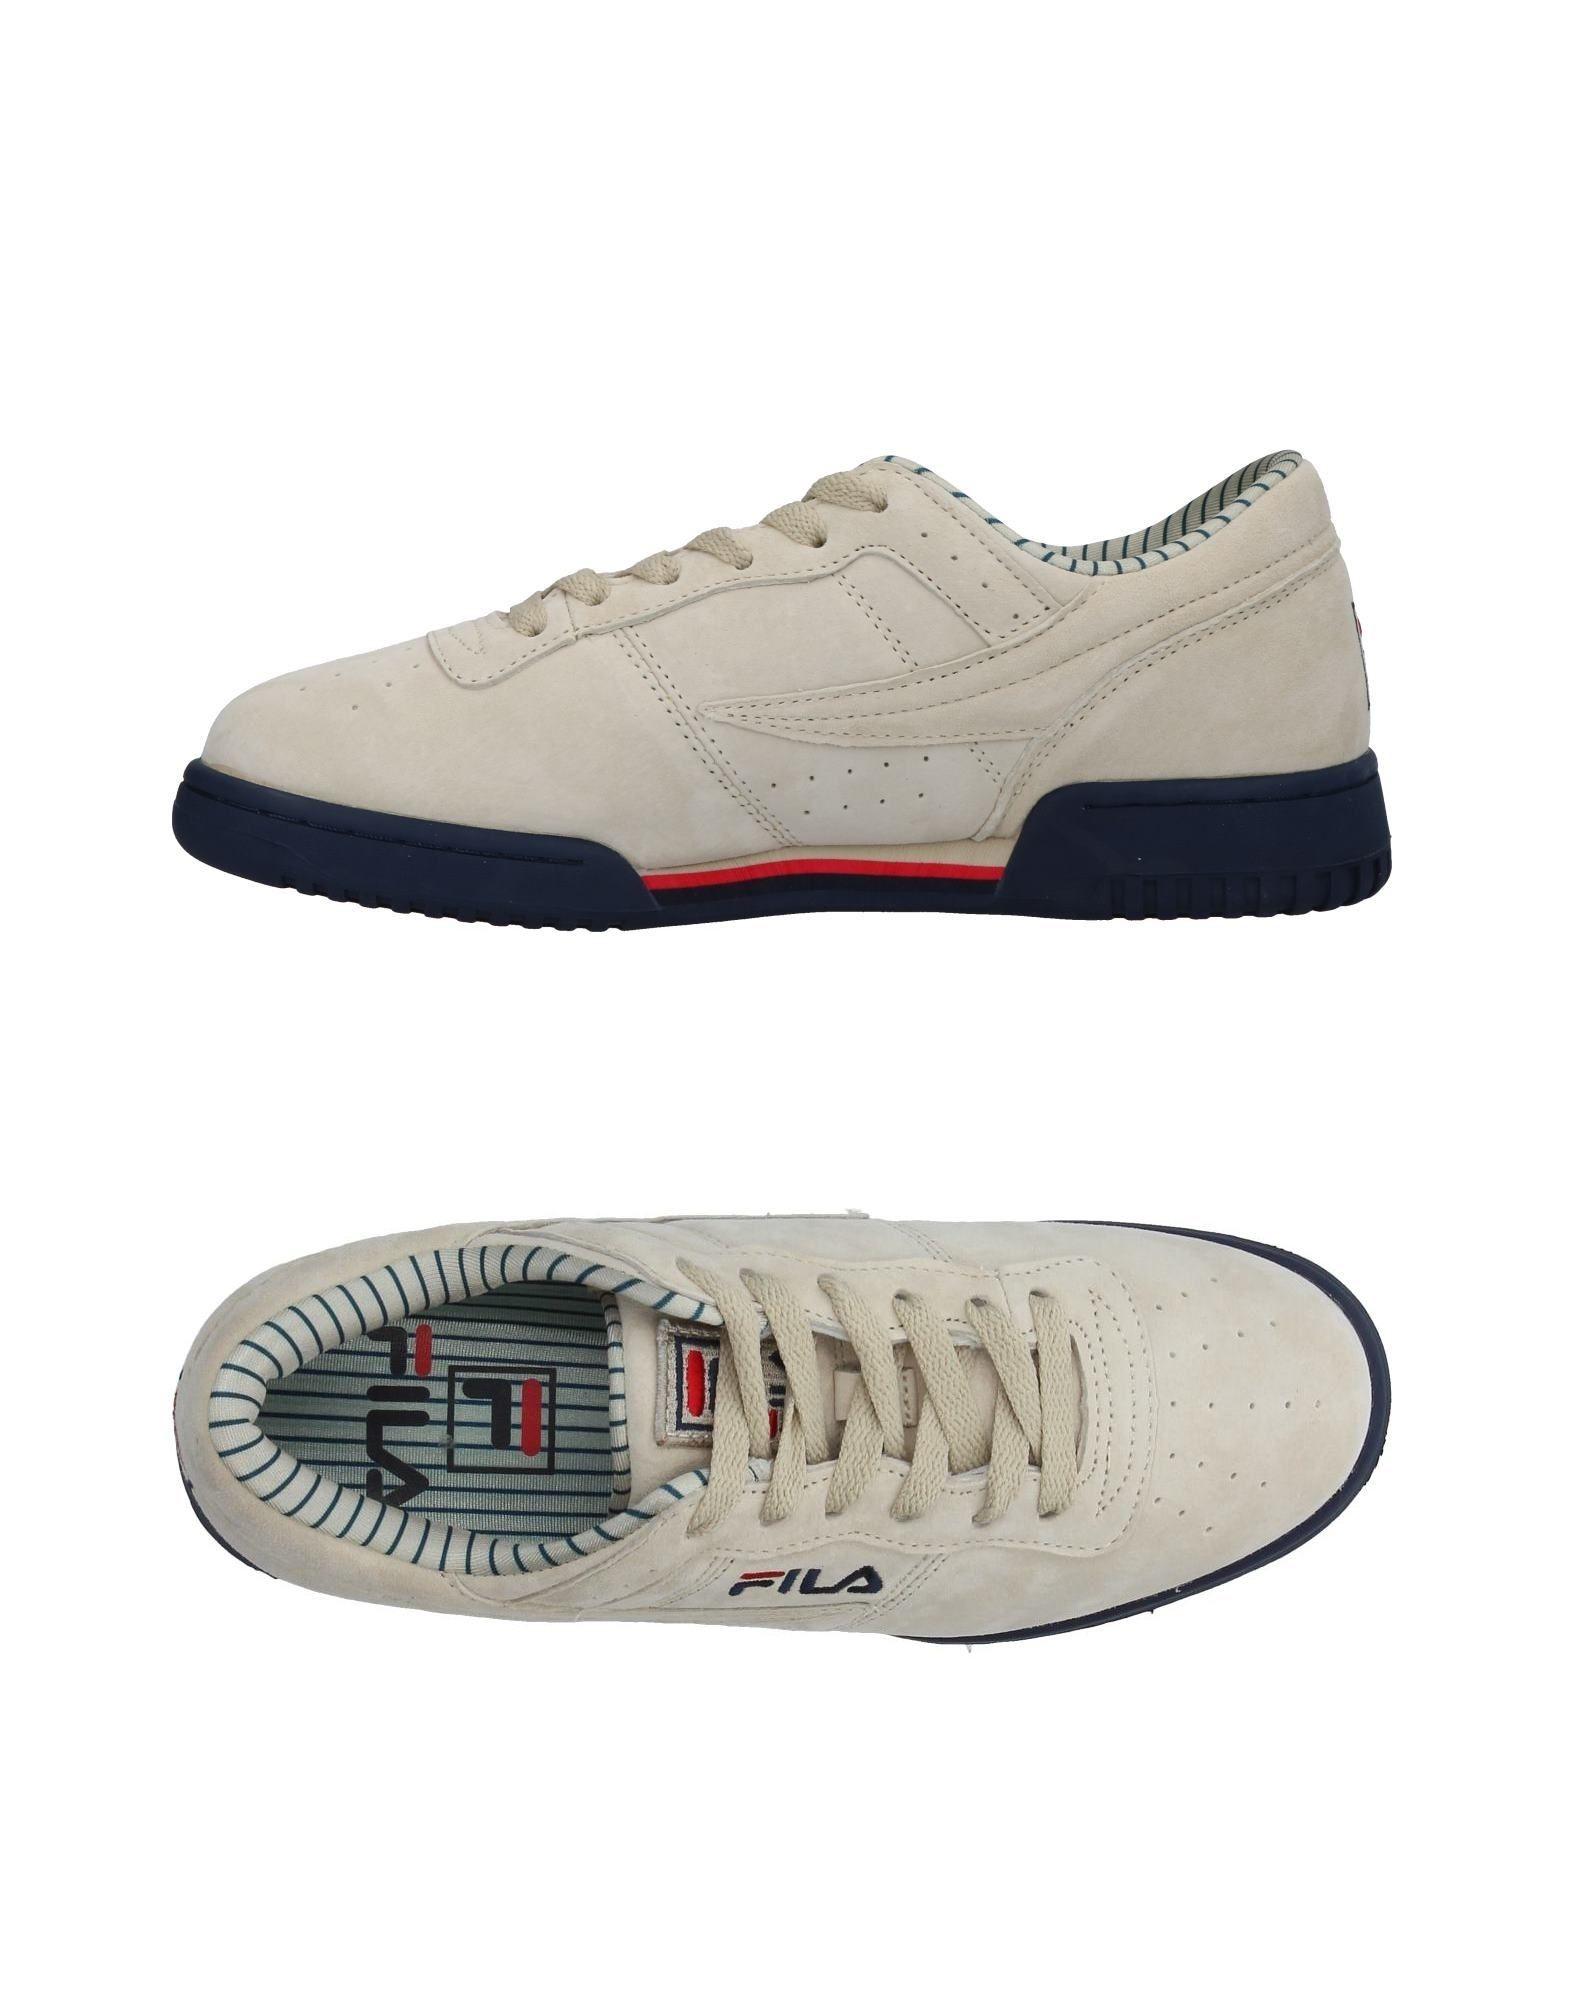 Sneakers Fila Homme - Sneakers Fila  Ivoire Dédouanement saisonnier